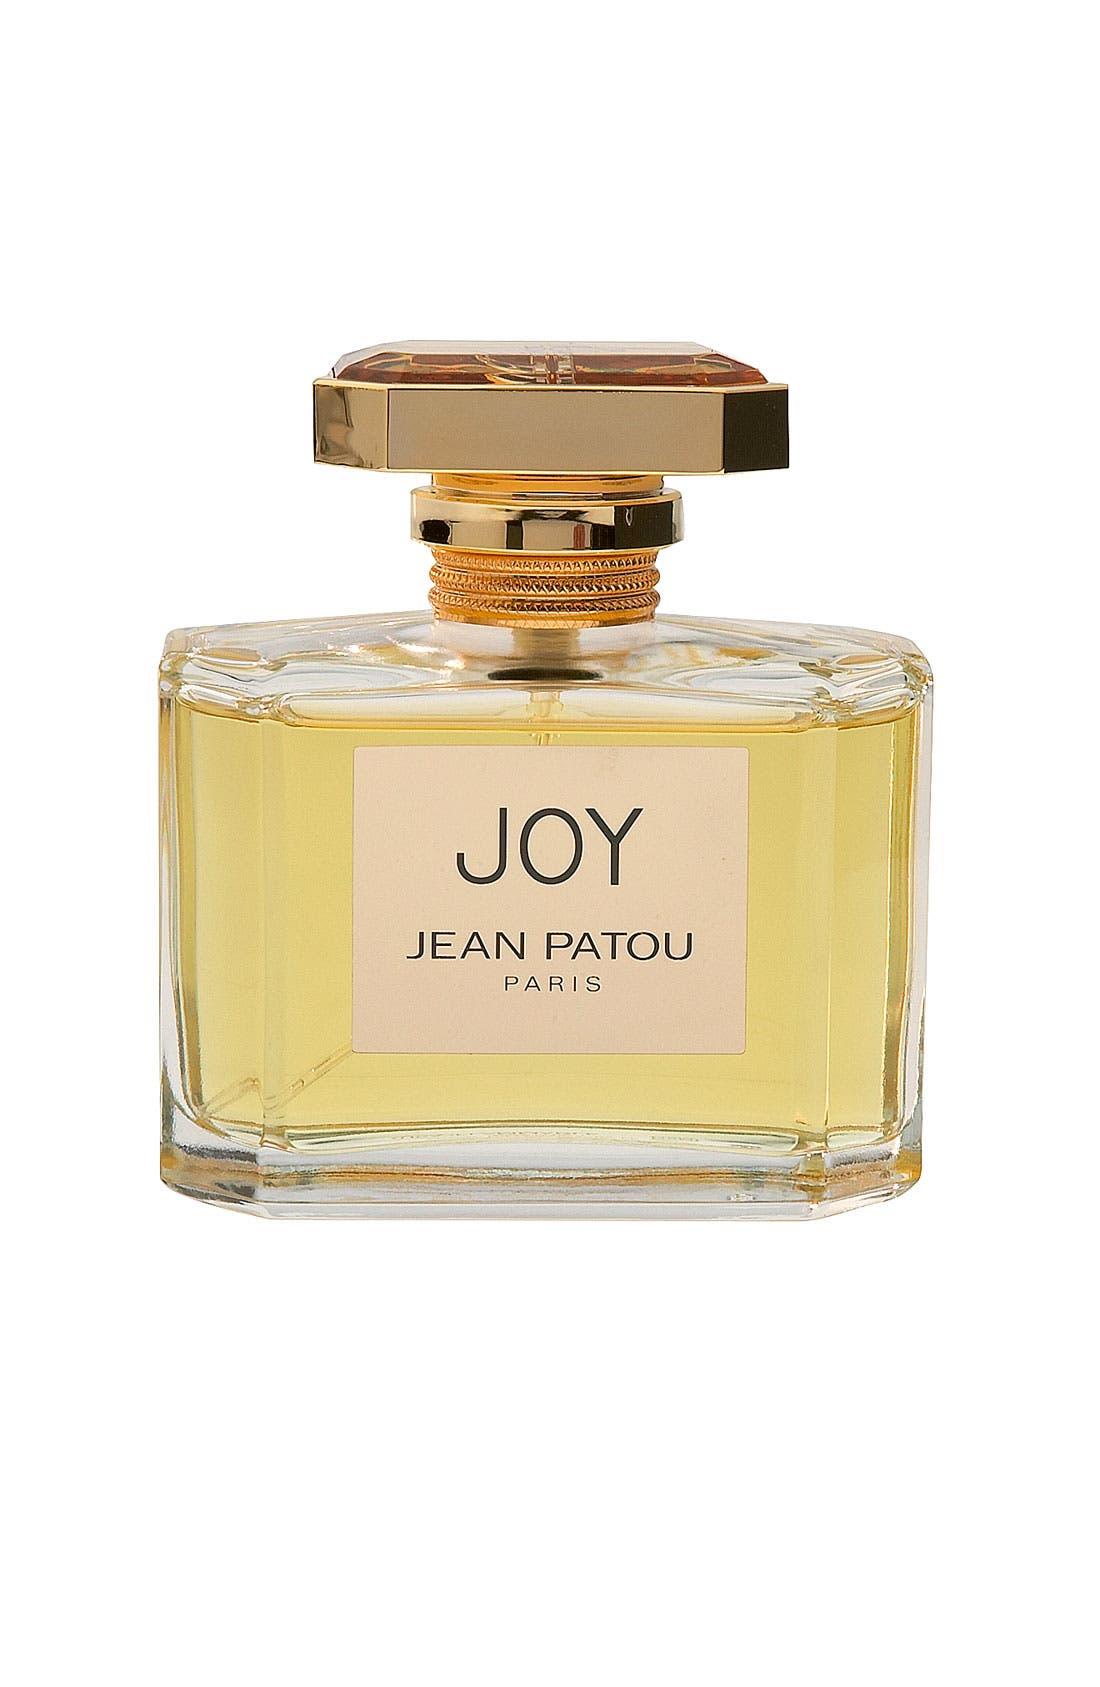 JEAN PATOU Joy by Jean Patou Eau de Parfum Jewel Spray, Main, color, NO COLOR